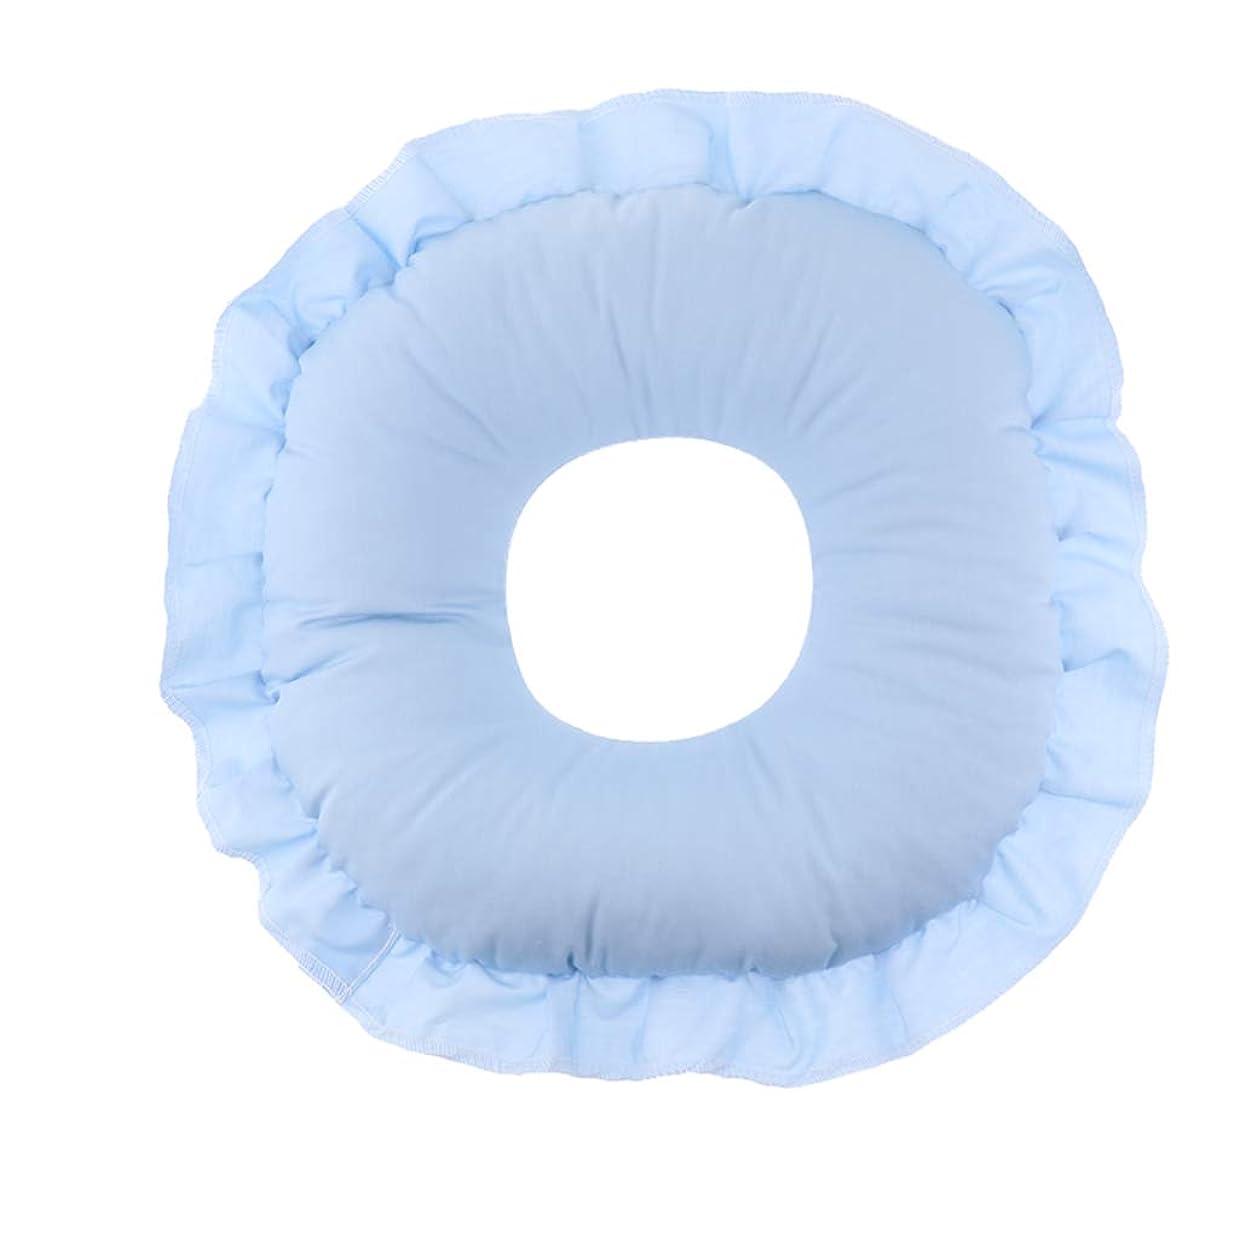 約束する連結する便益マッサージテーブルピロー フェイスピロー 顔枕 フェイスクッション 柔軟 洗えるカバー 全3色 - 青